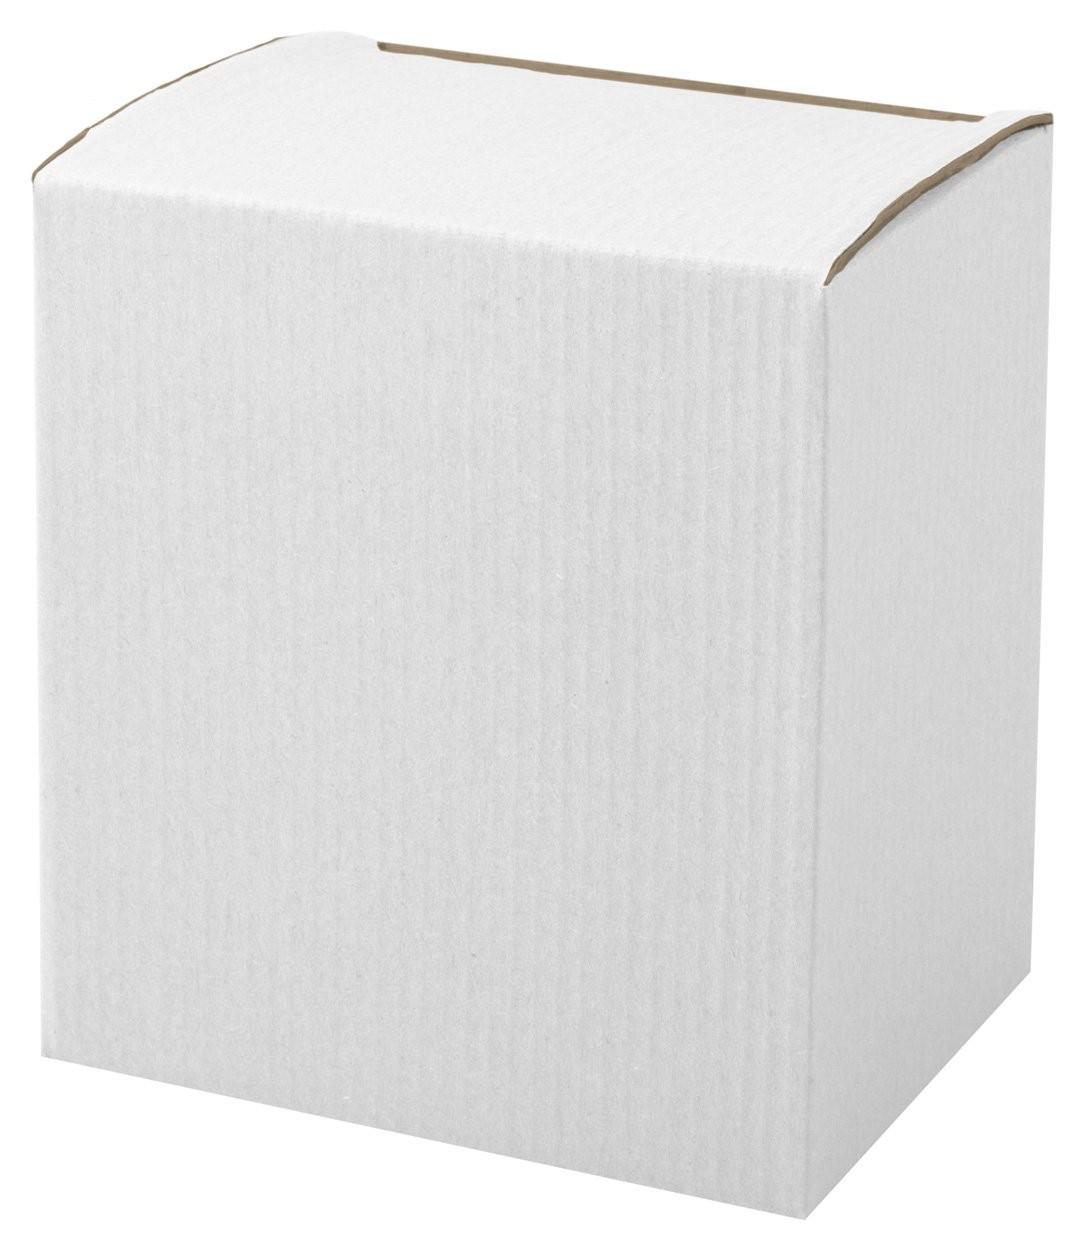 Karton Geschenkbox Univer, Ansicht 2